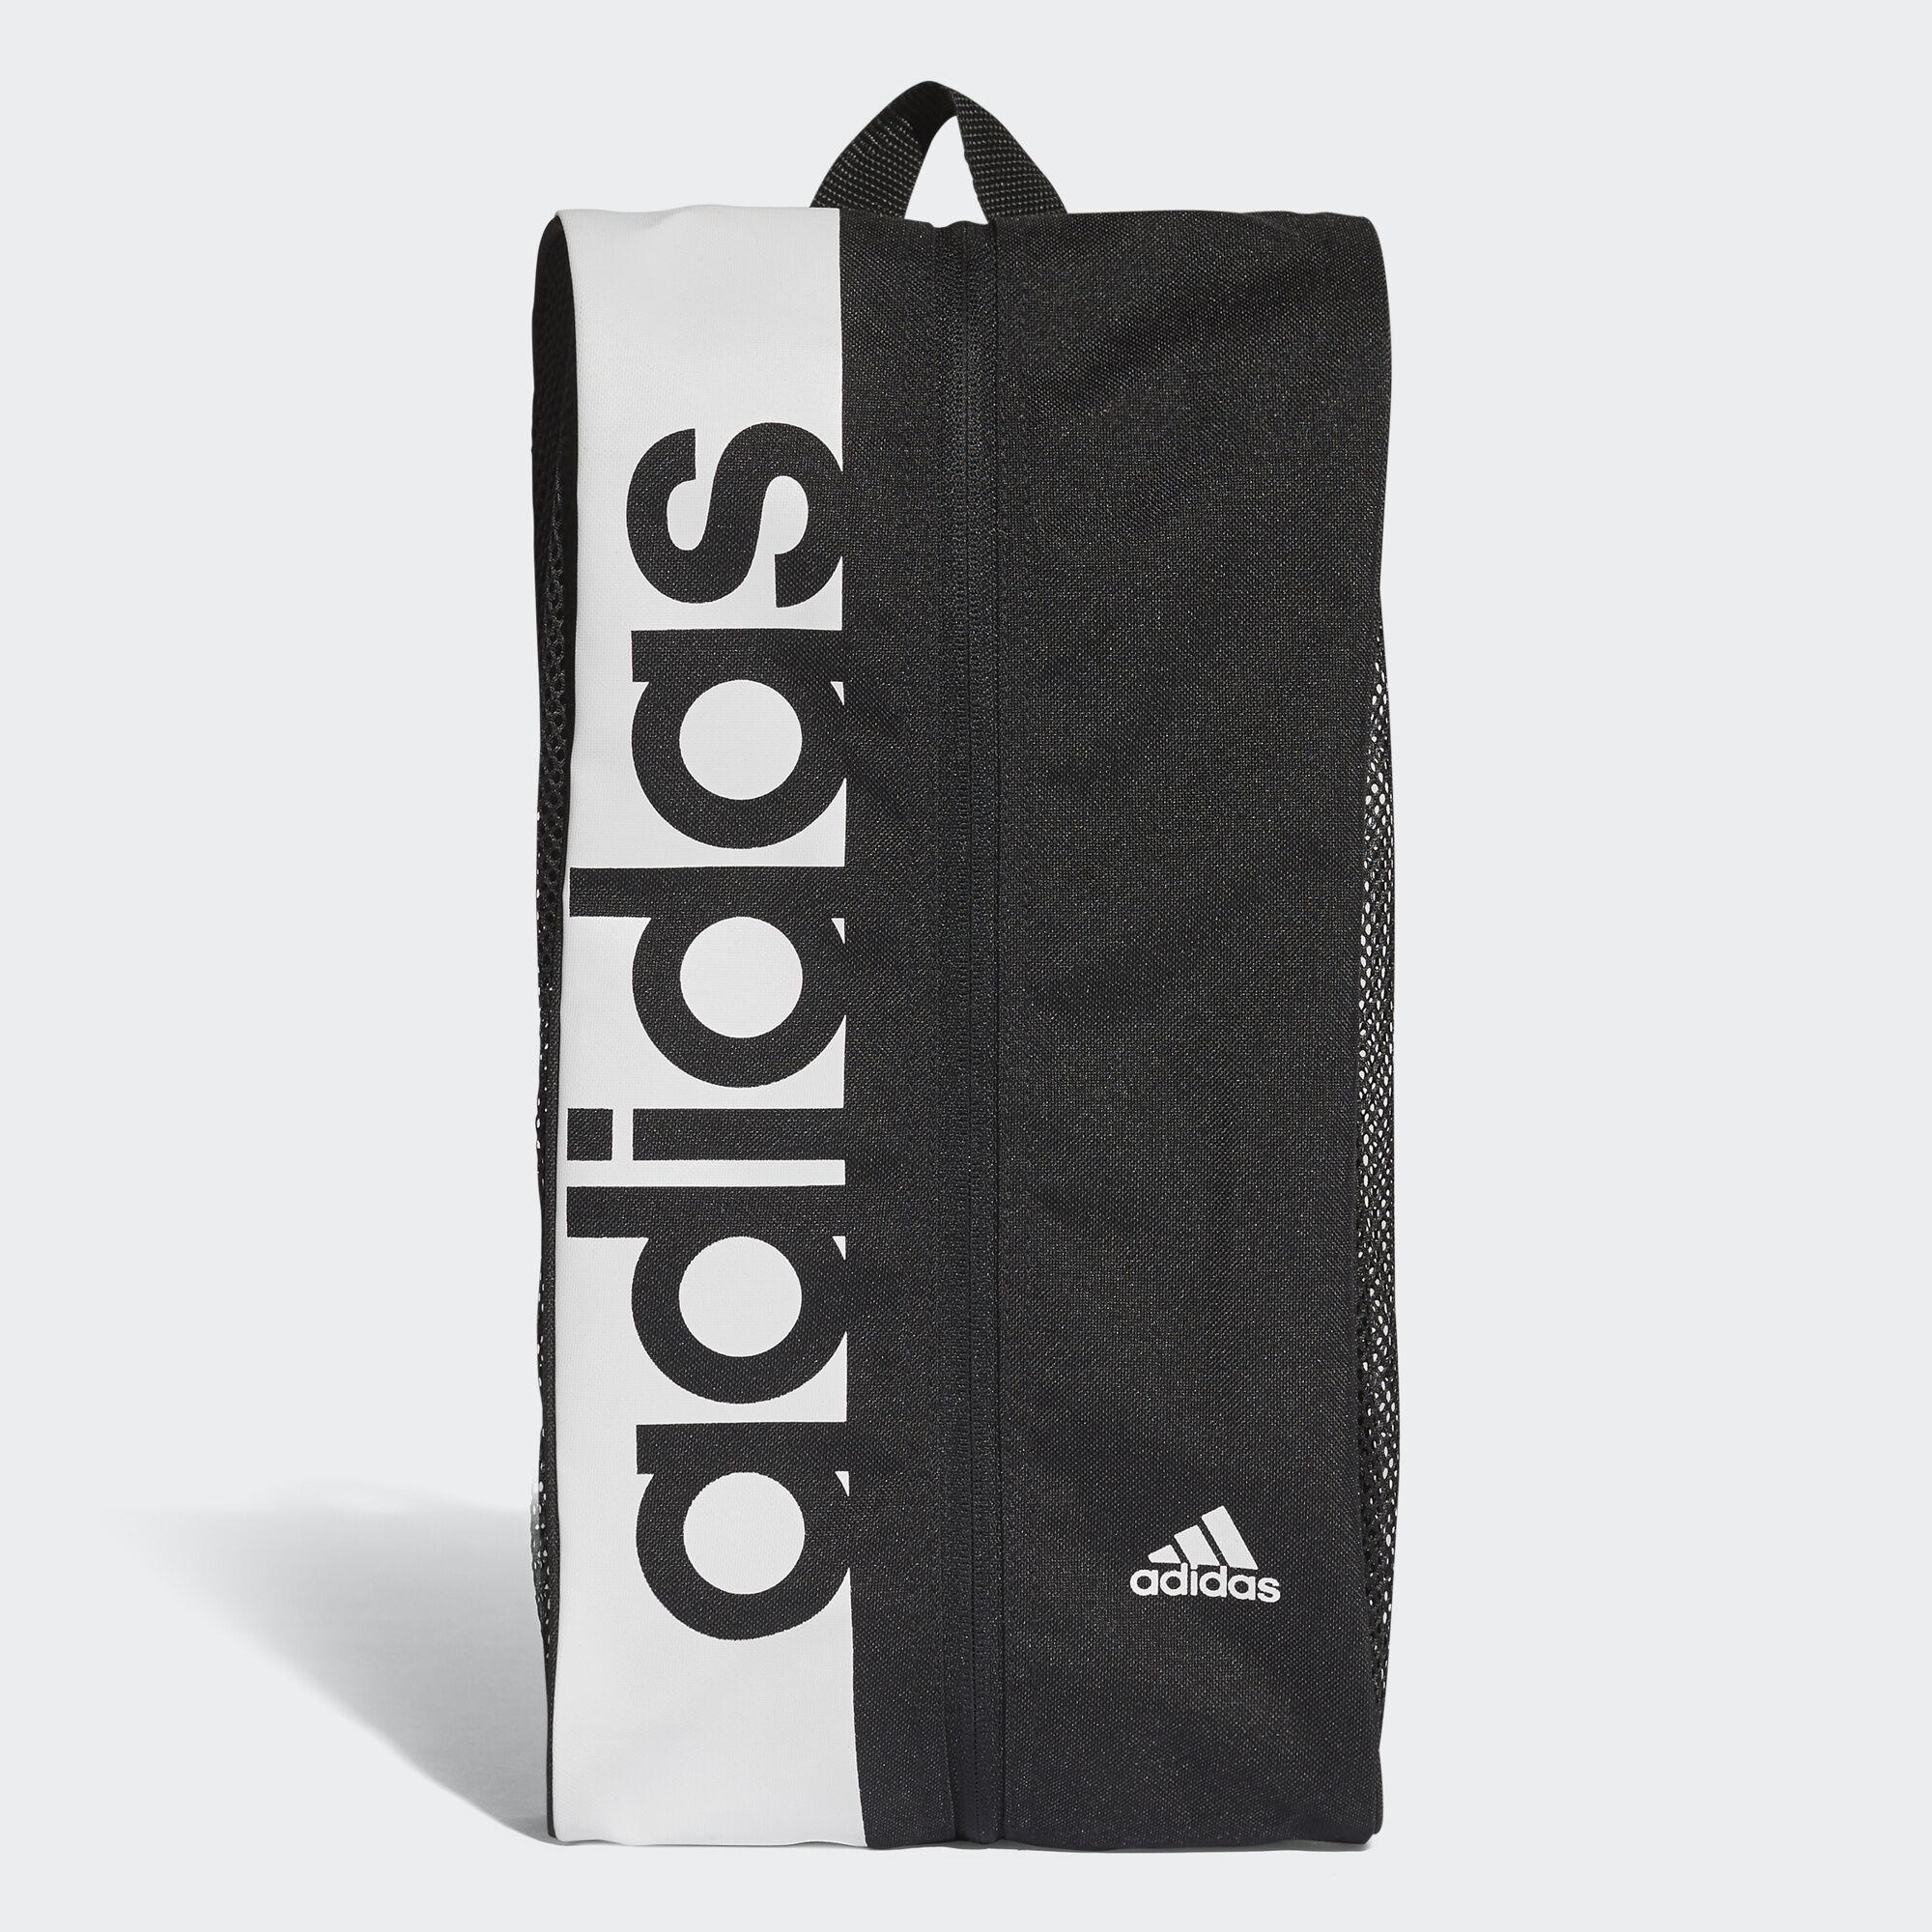 adidas borse